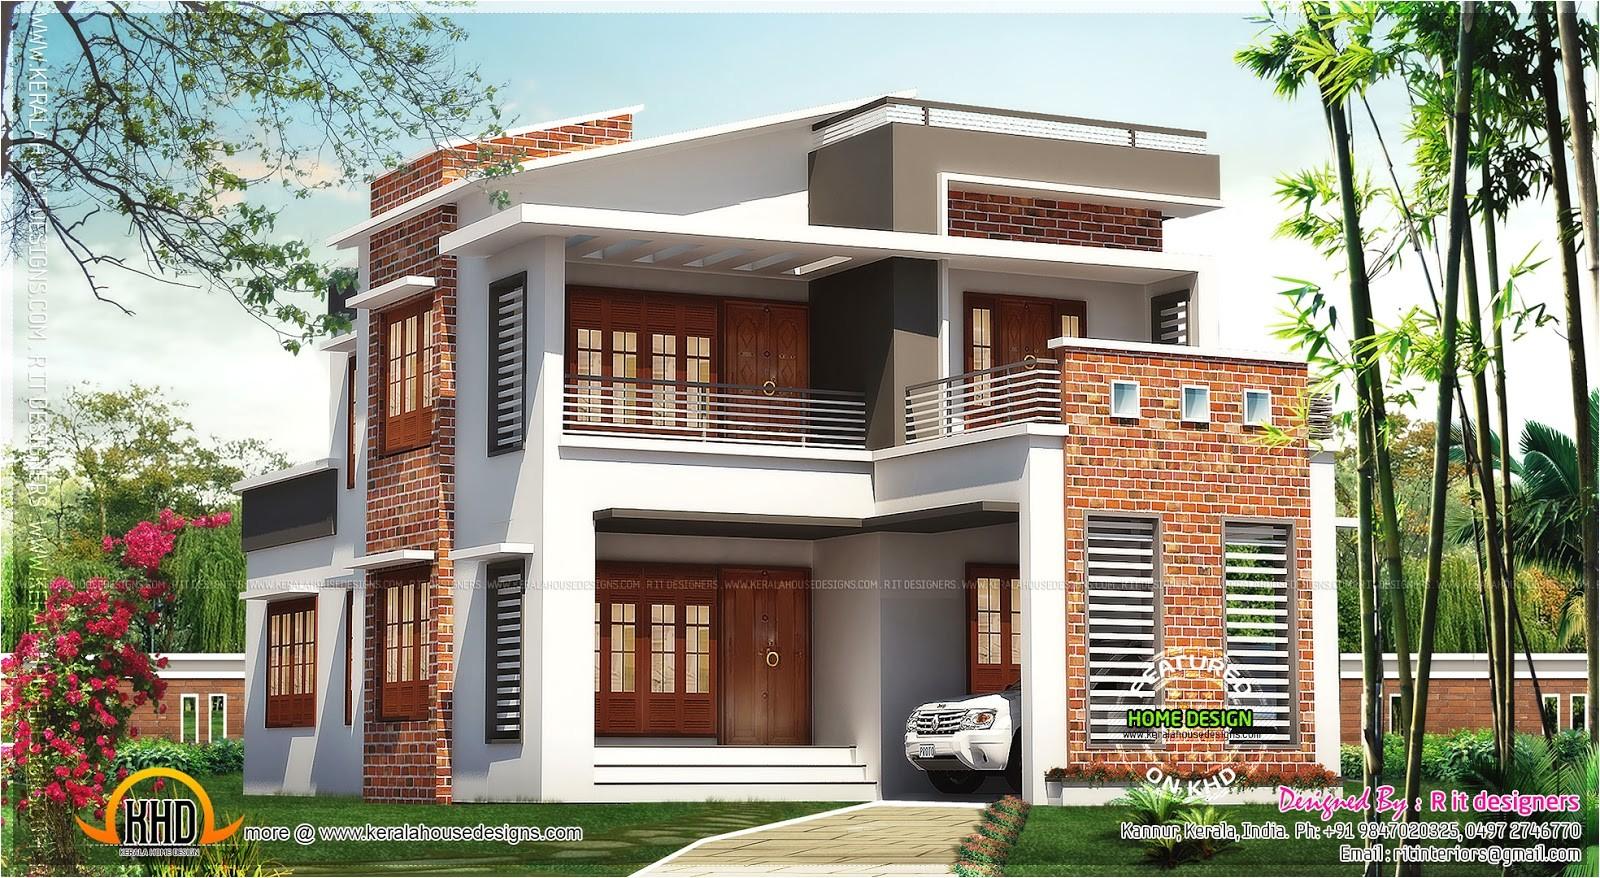 Exterior Home Plans Brick Mix House Exterior Design Kerala Home Design and